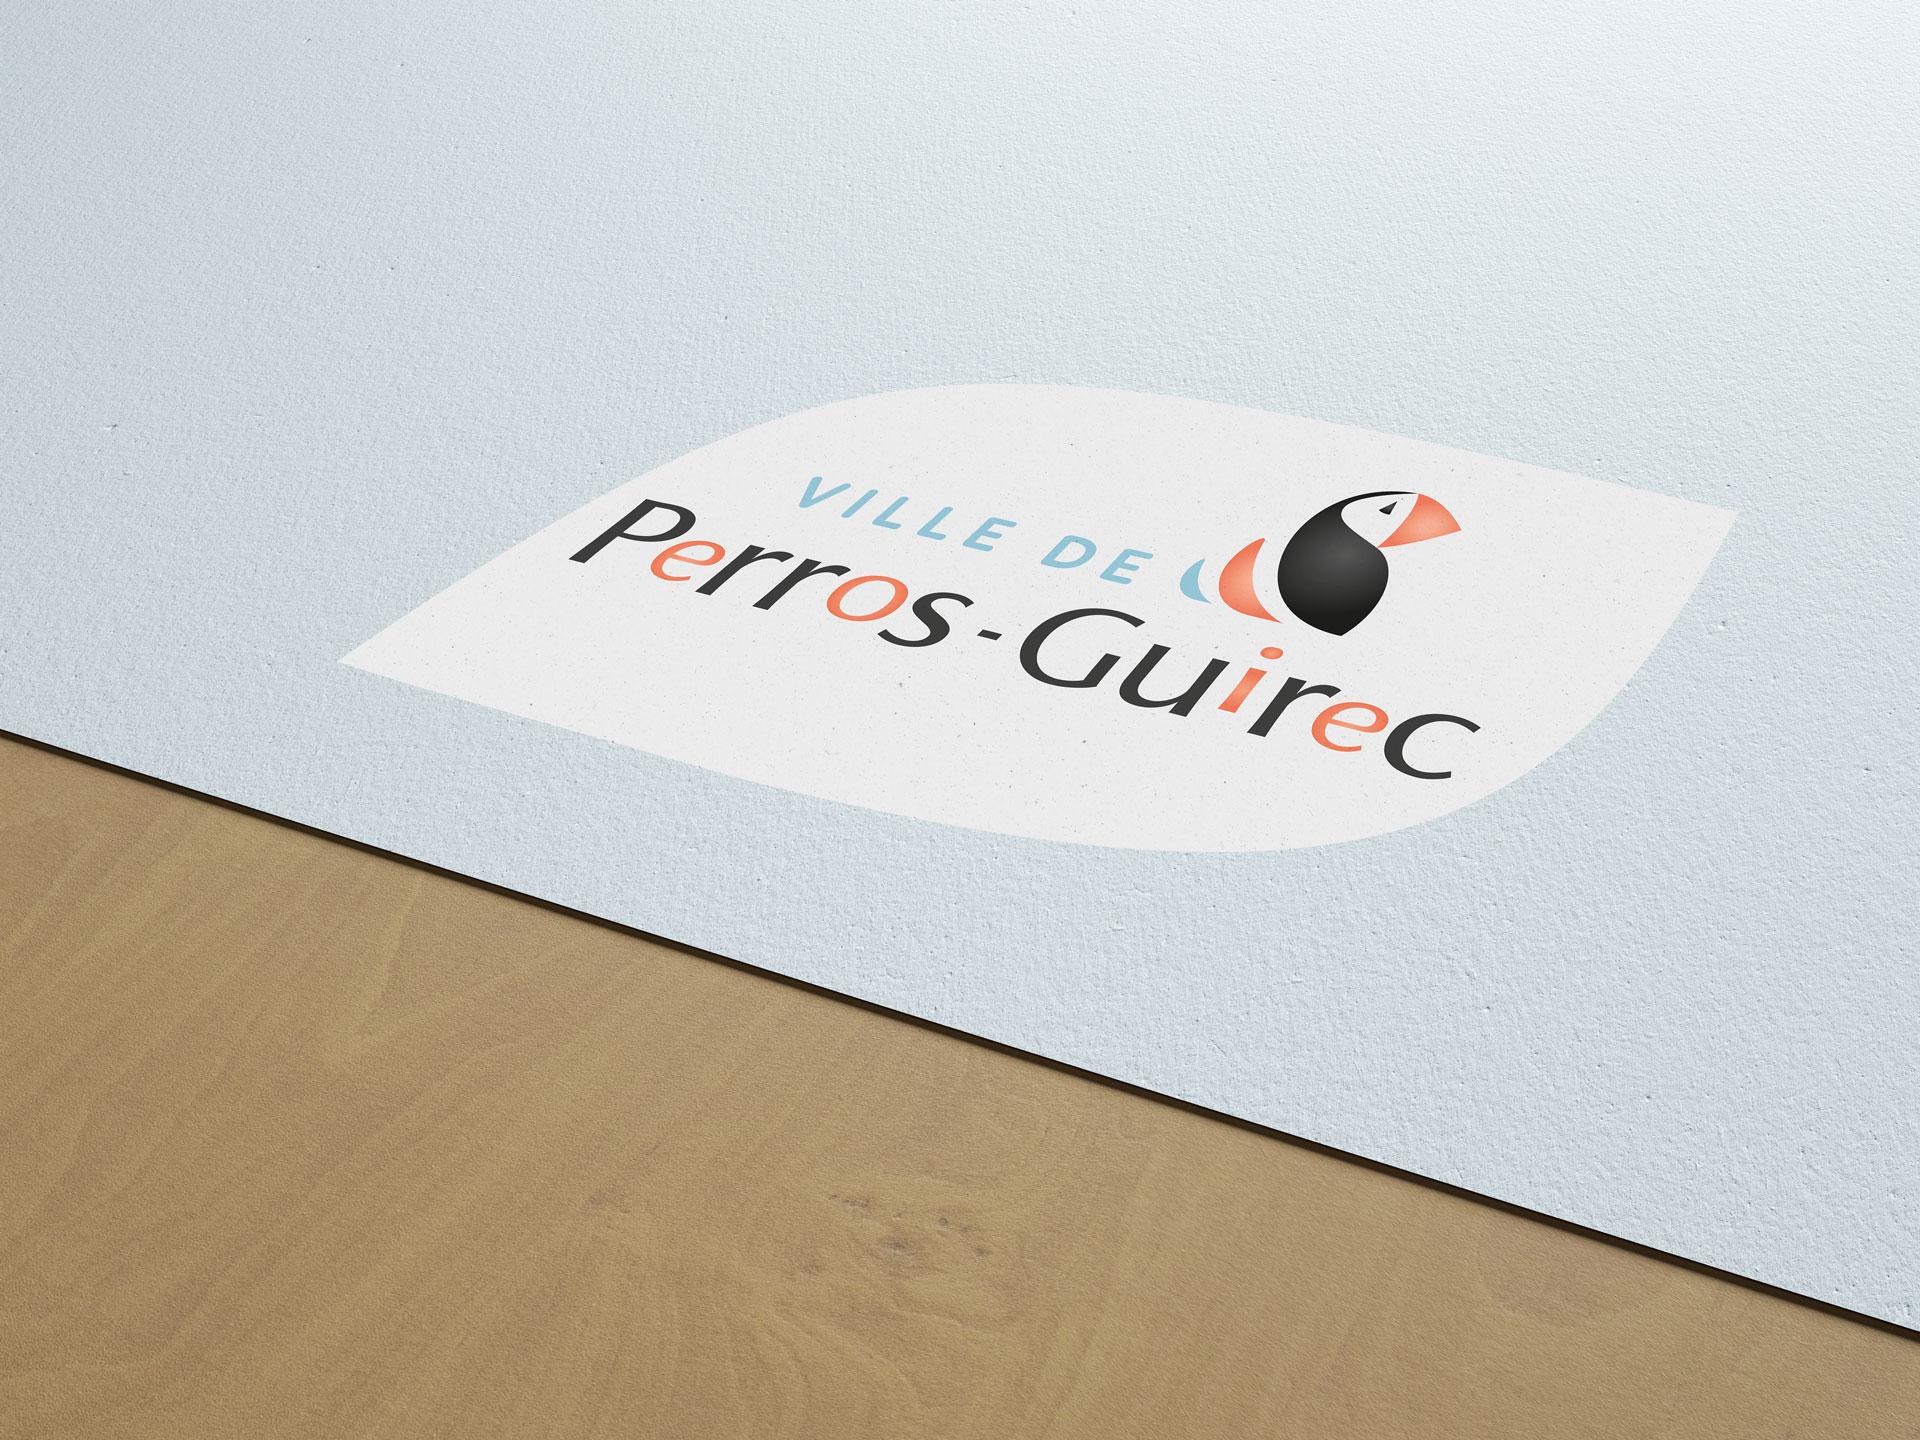 logo-Perros-Guirec-Coqueliko